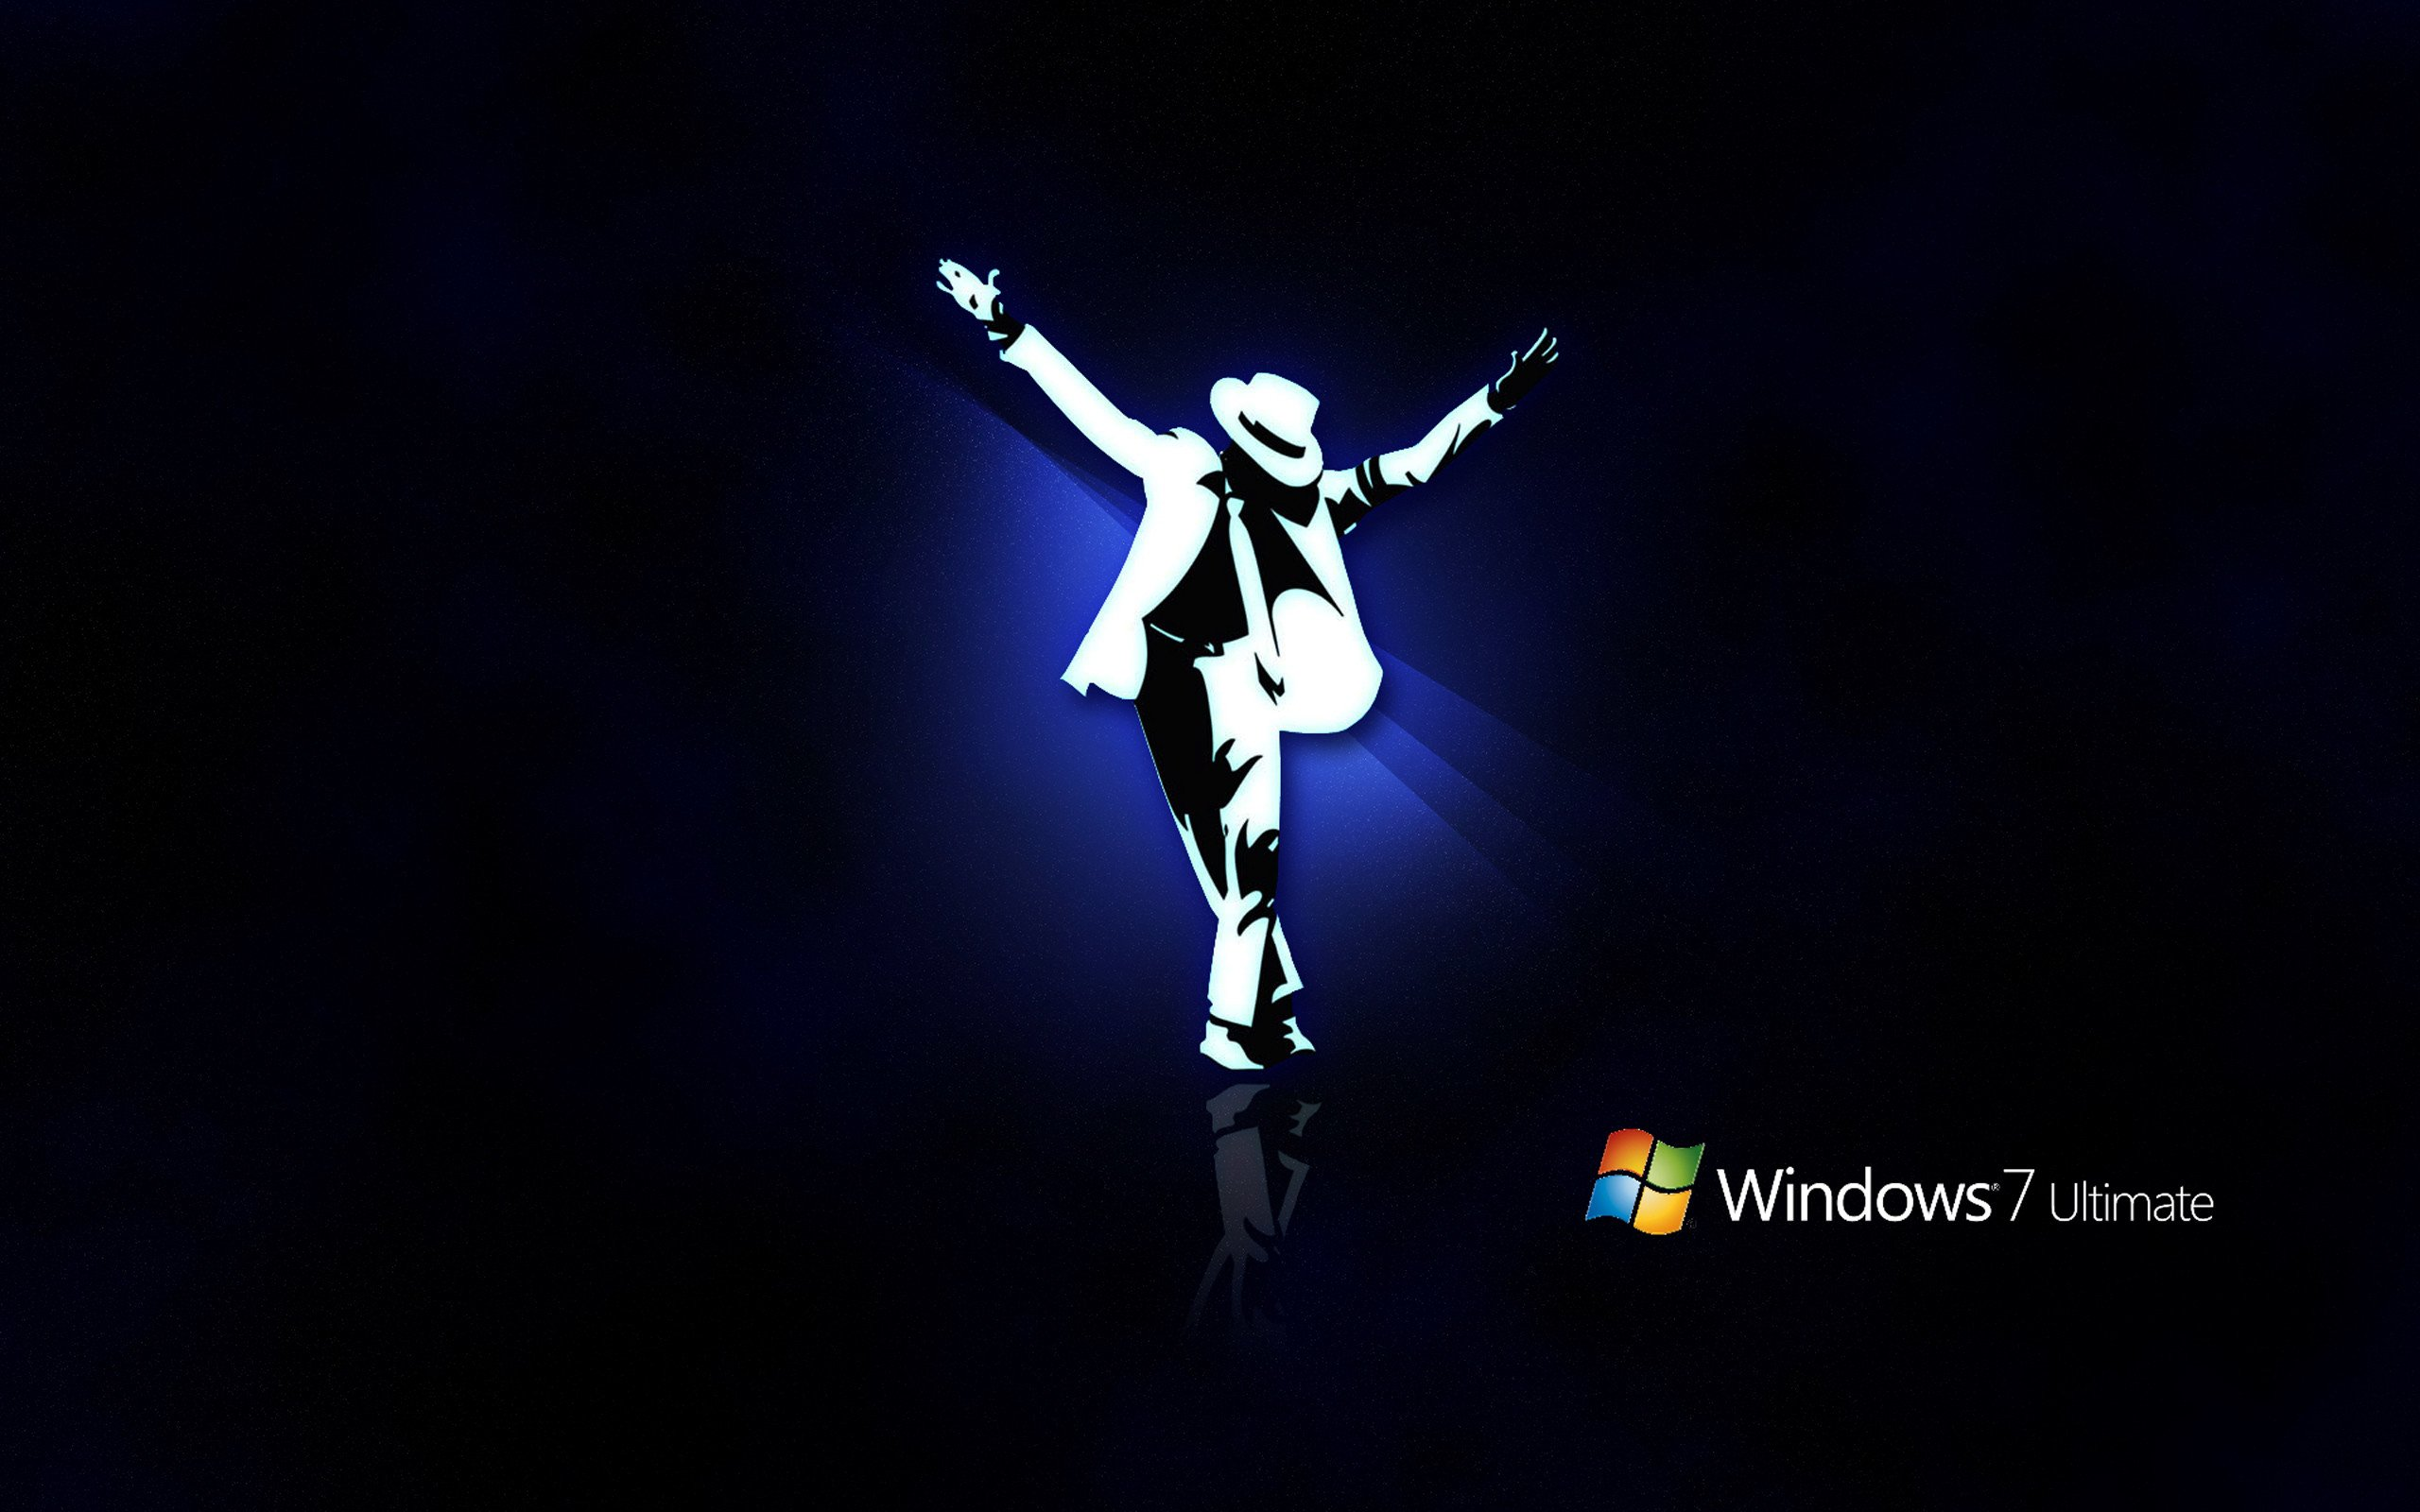 Windows 7 Ultimate Desktop Background 56 images 2560x1600